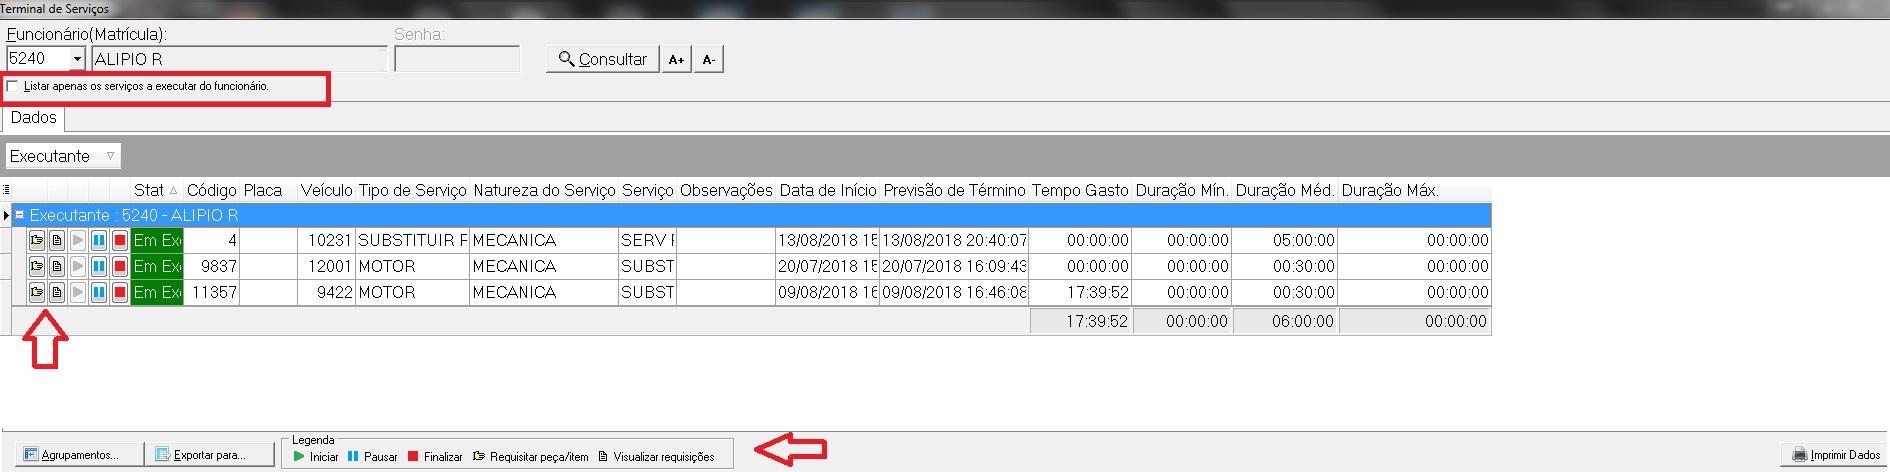 Confira as novidades do Fortes Frota - nova versão (Versão 2.336.115) 1